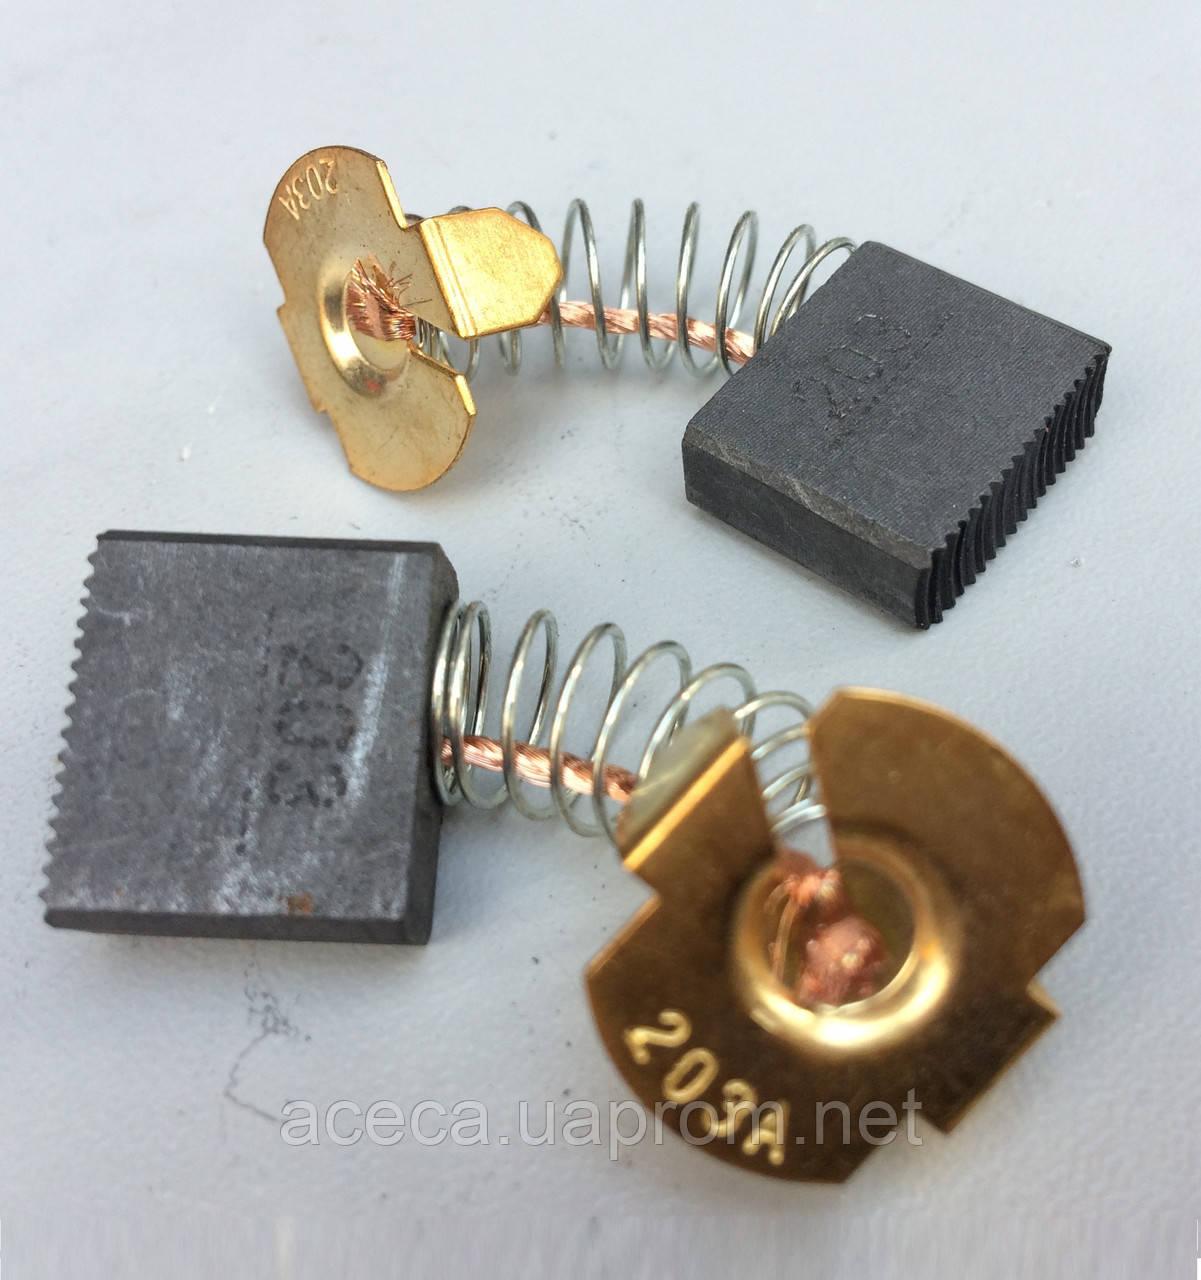 Щетка графитовая к электроинструменту (7*18*16)